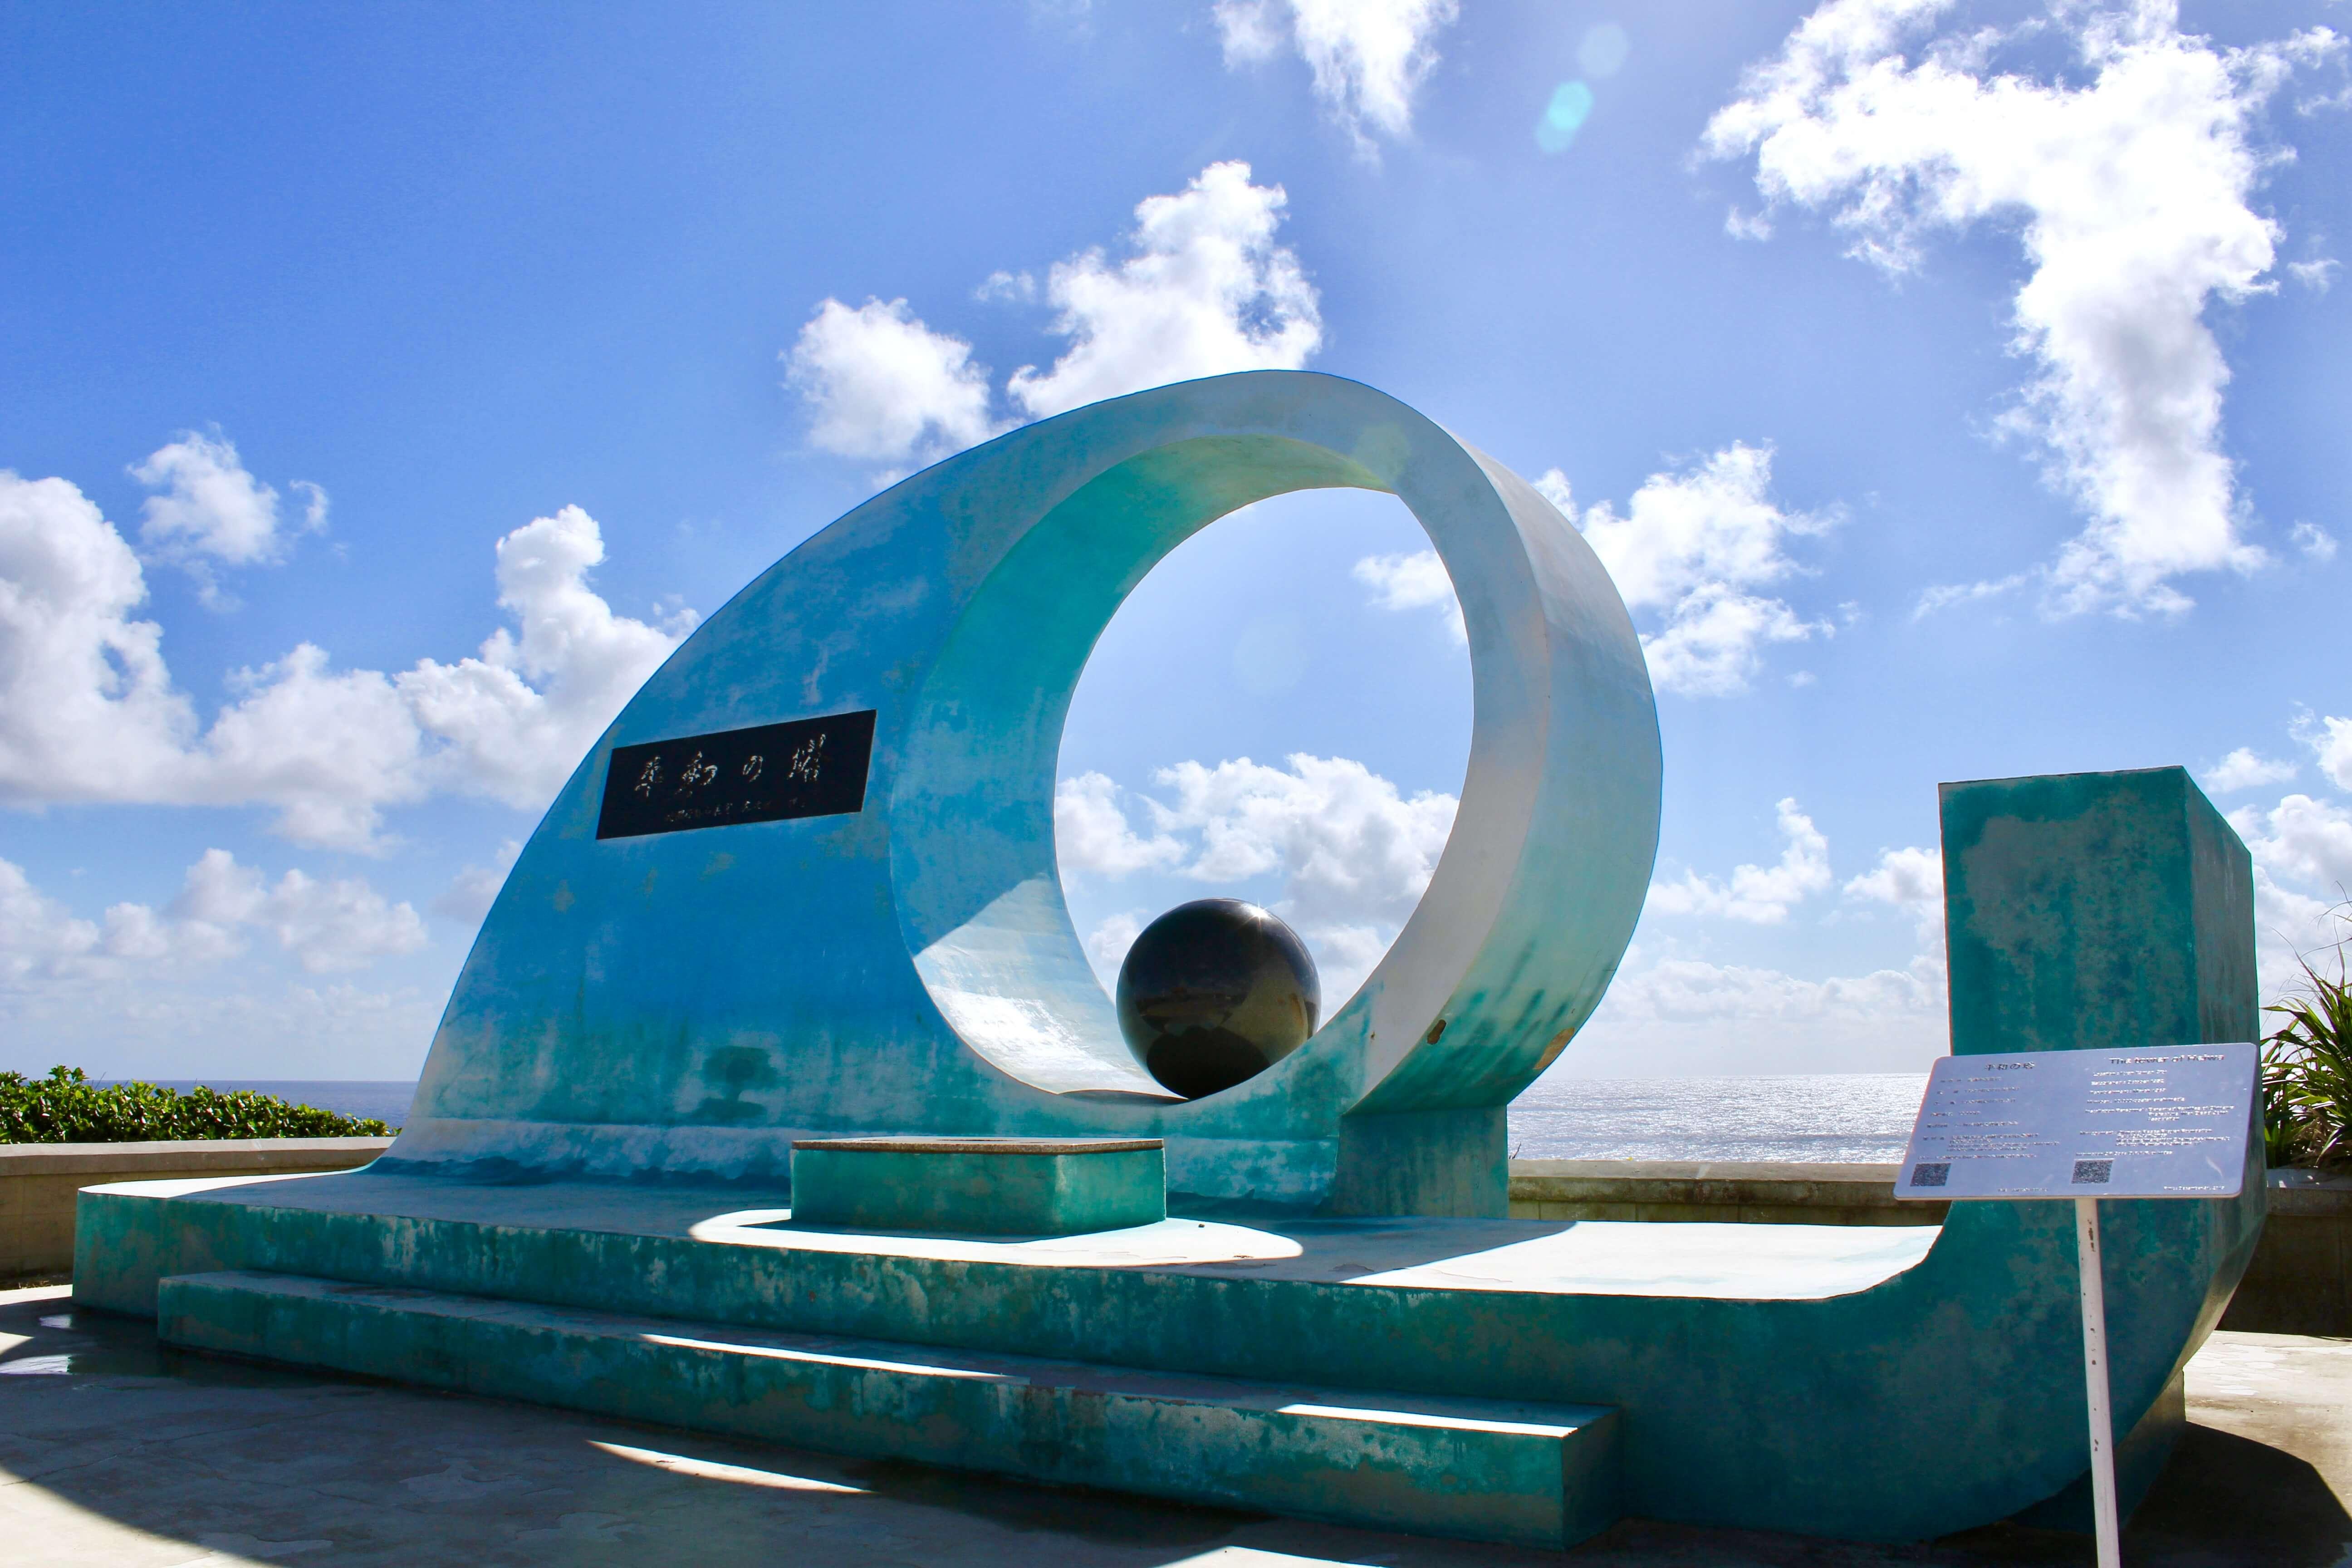 喜屋武岬 きゃんみさき | 沖縄観光情報ガリンペイロ